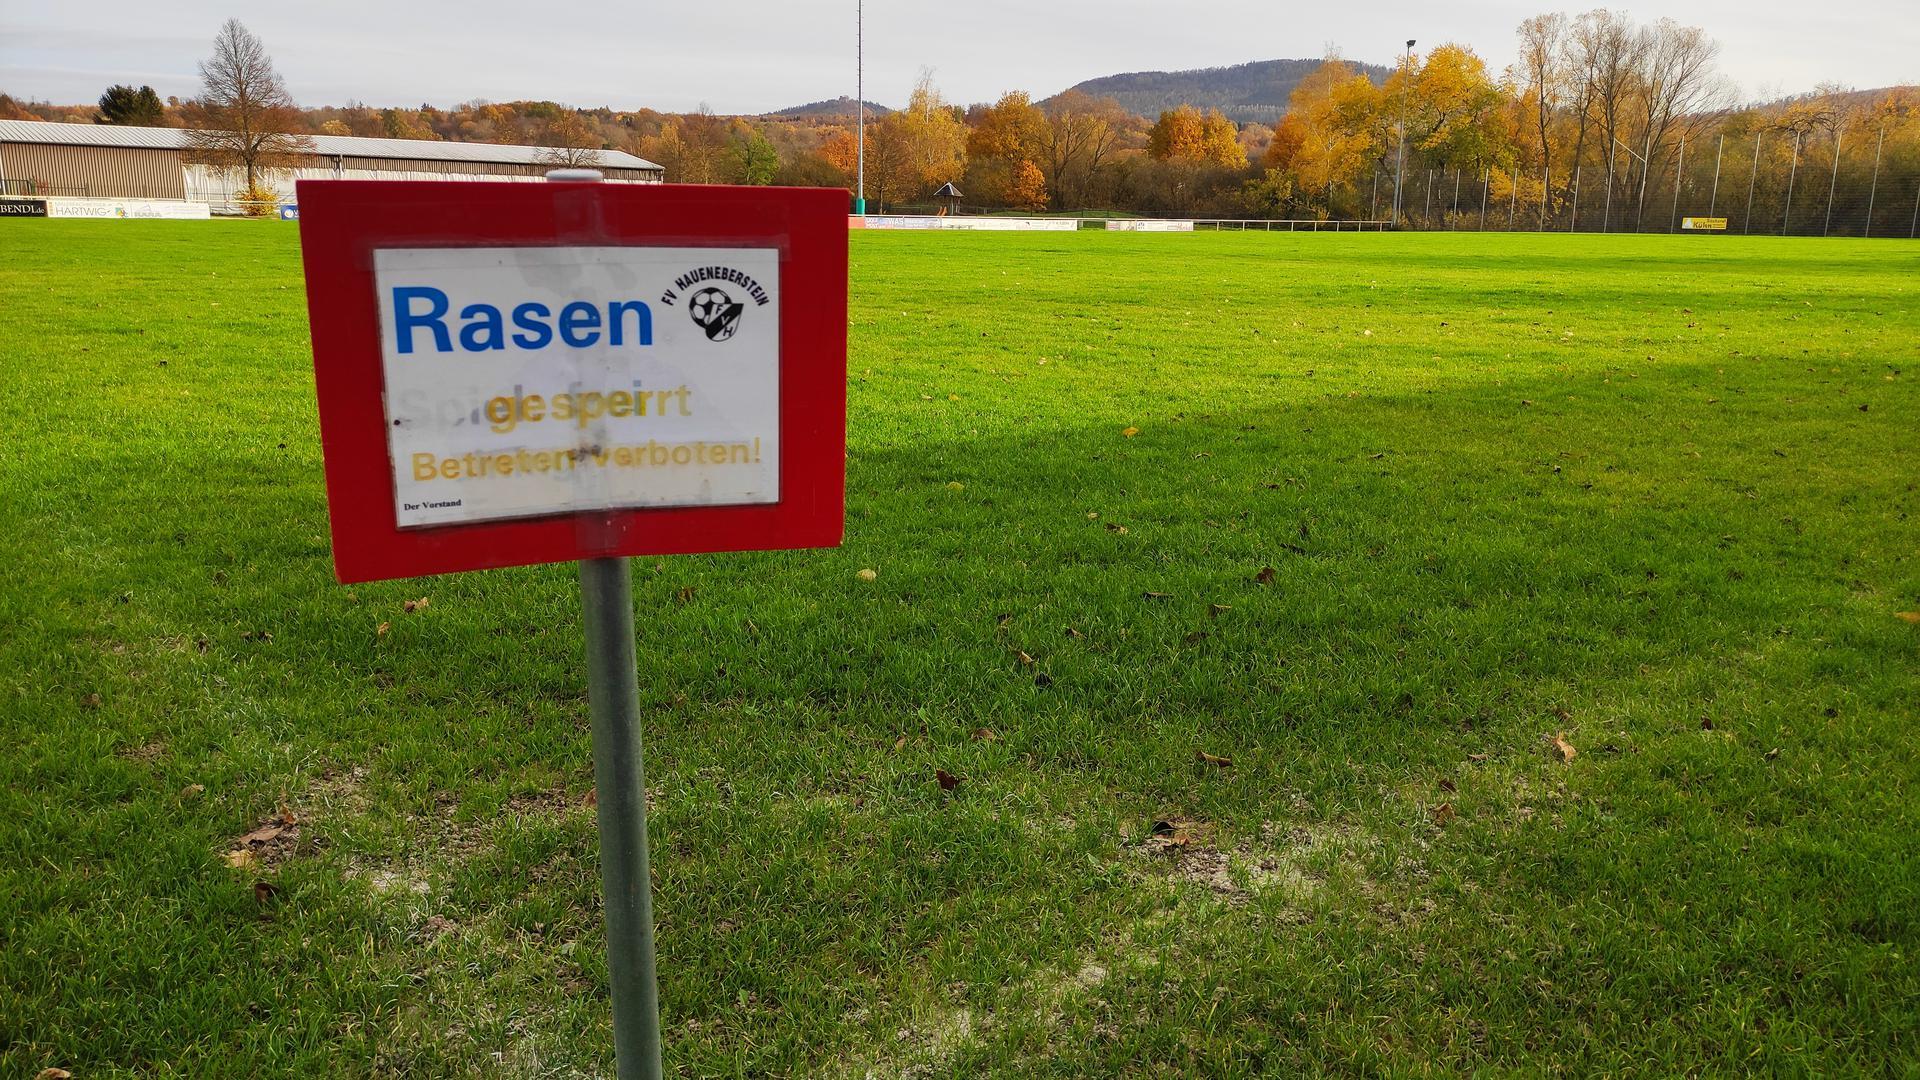 Sportplatz Haueneberstein im Winter 2020/21